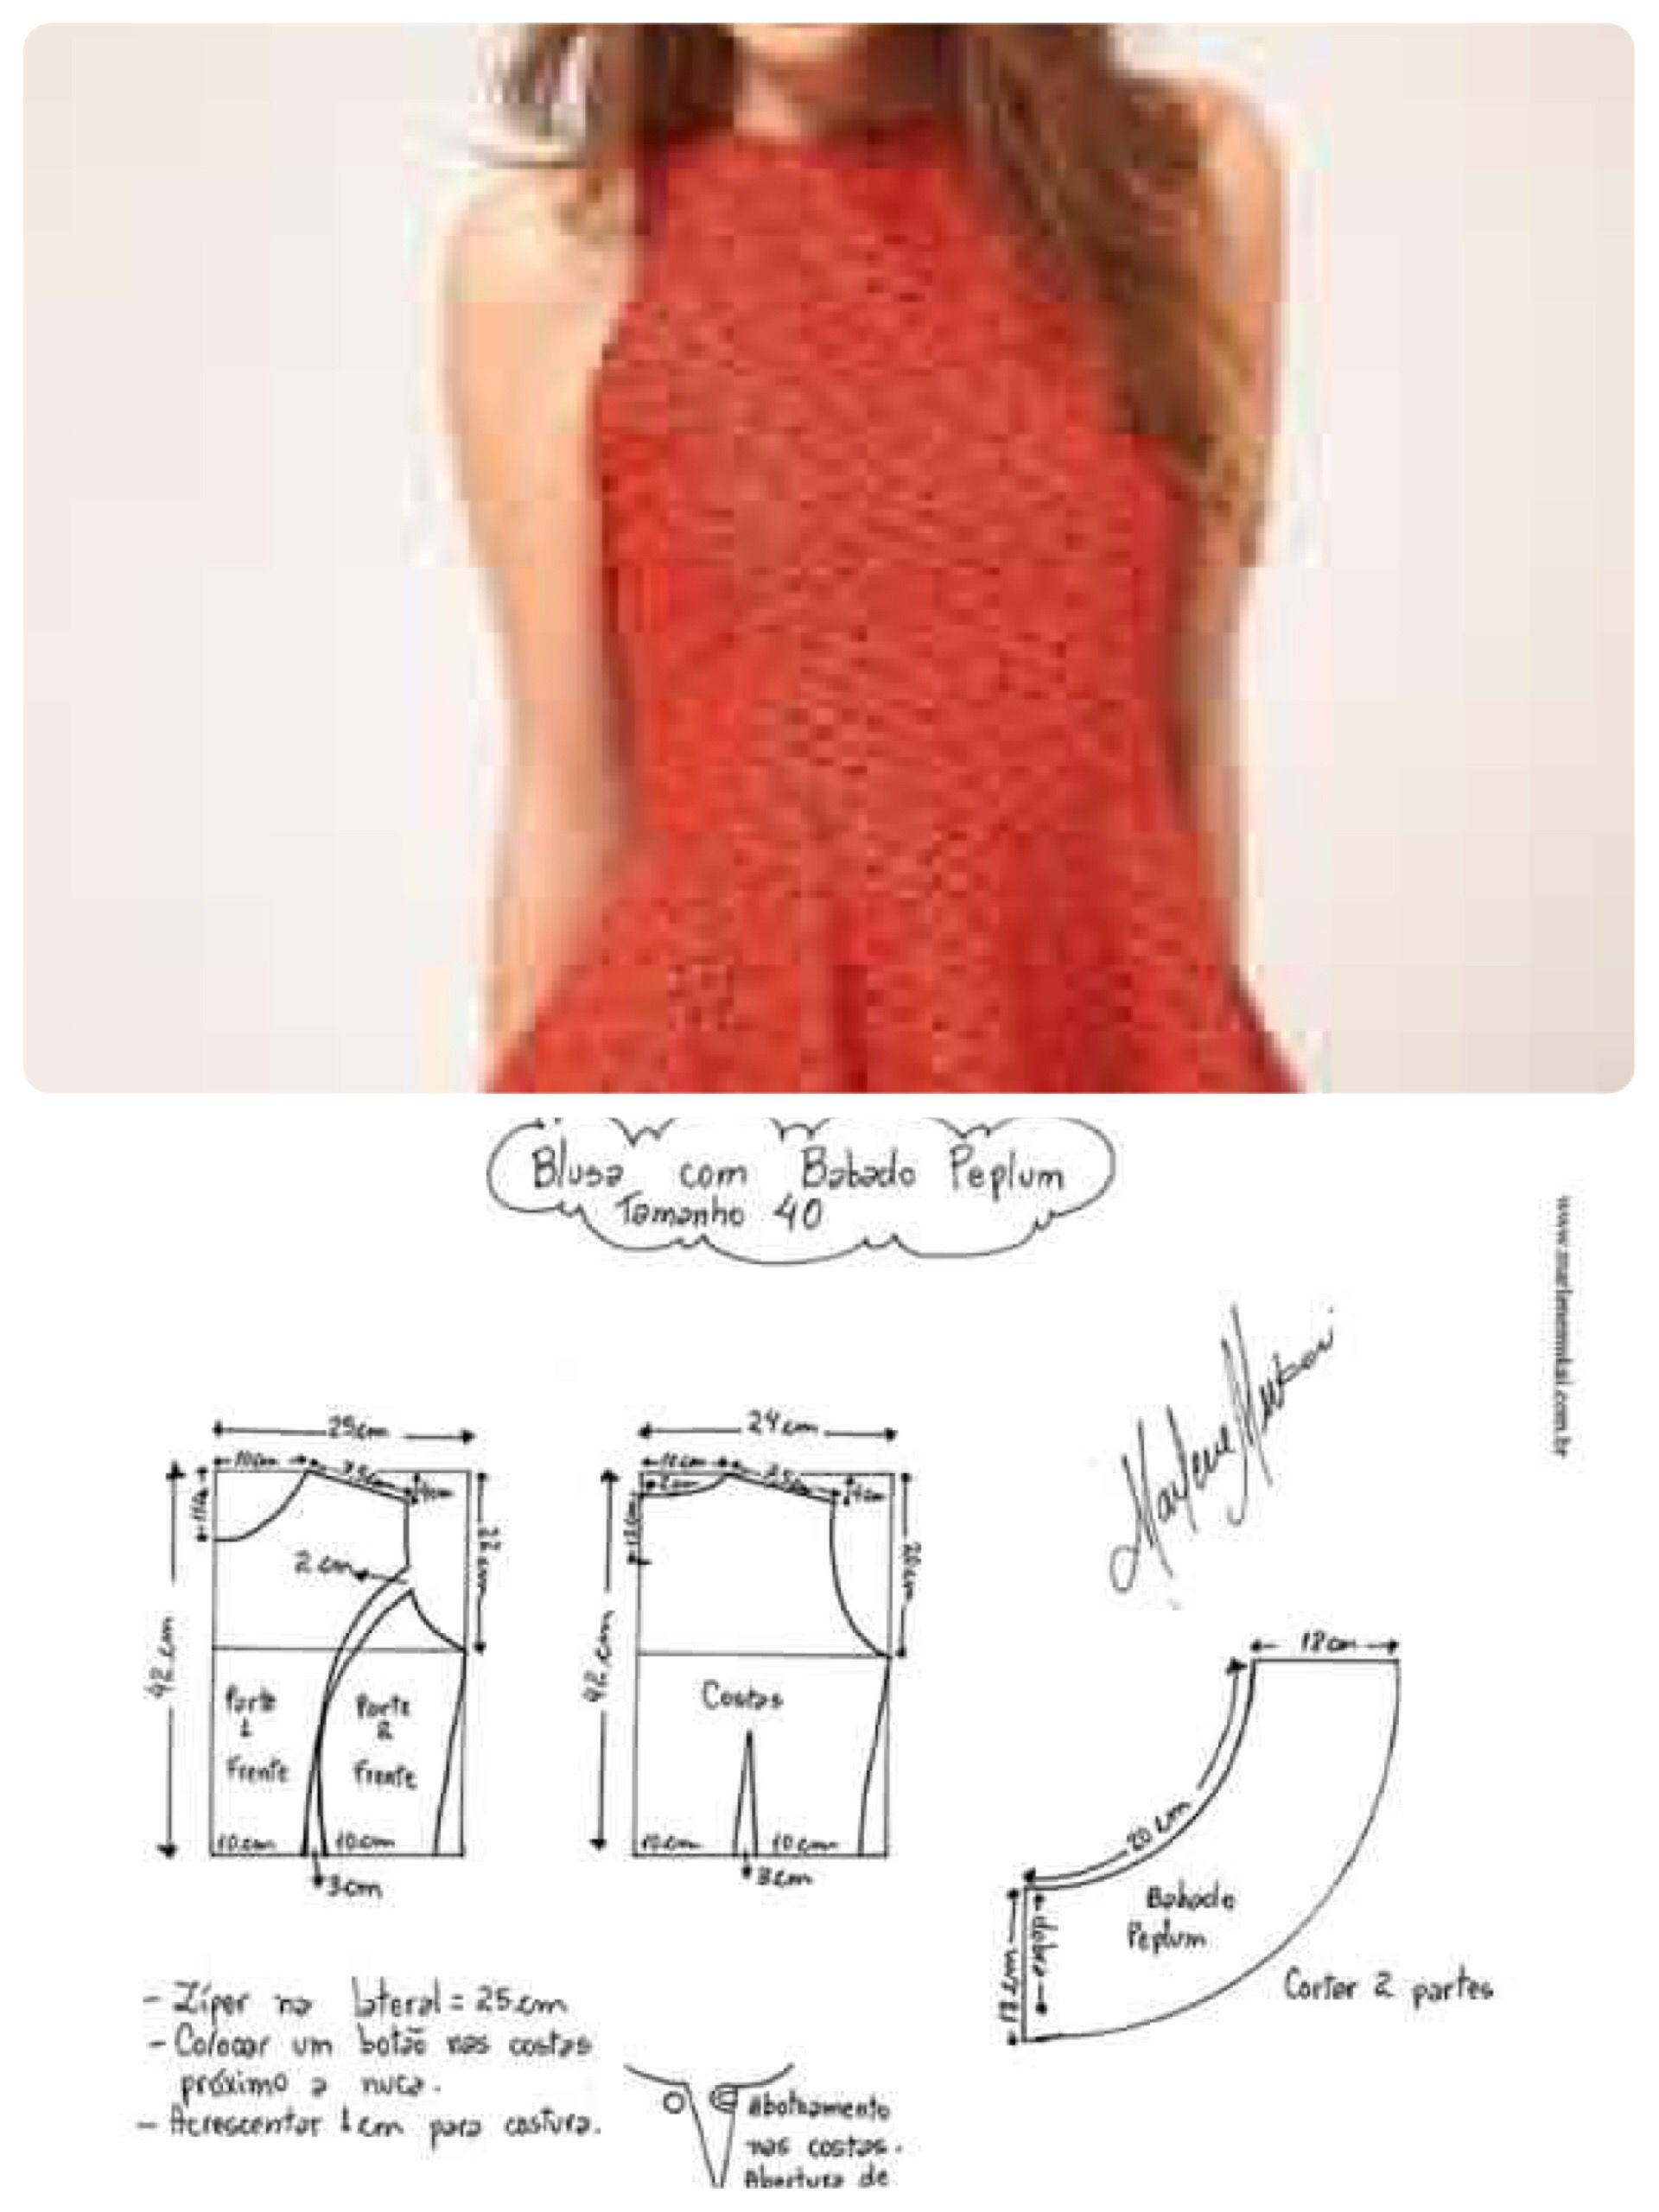 Pin de aldo santiago en Patrones | Pinterest | Costura, Patronaje y ...